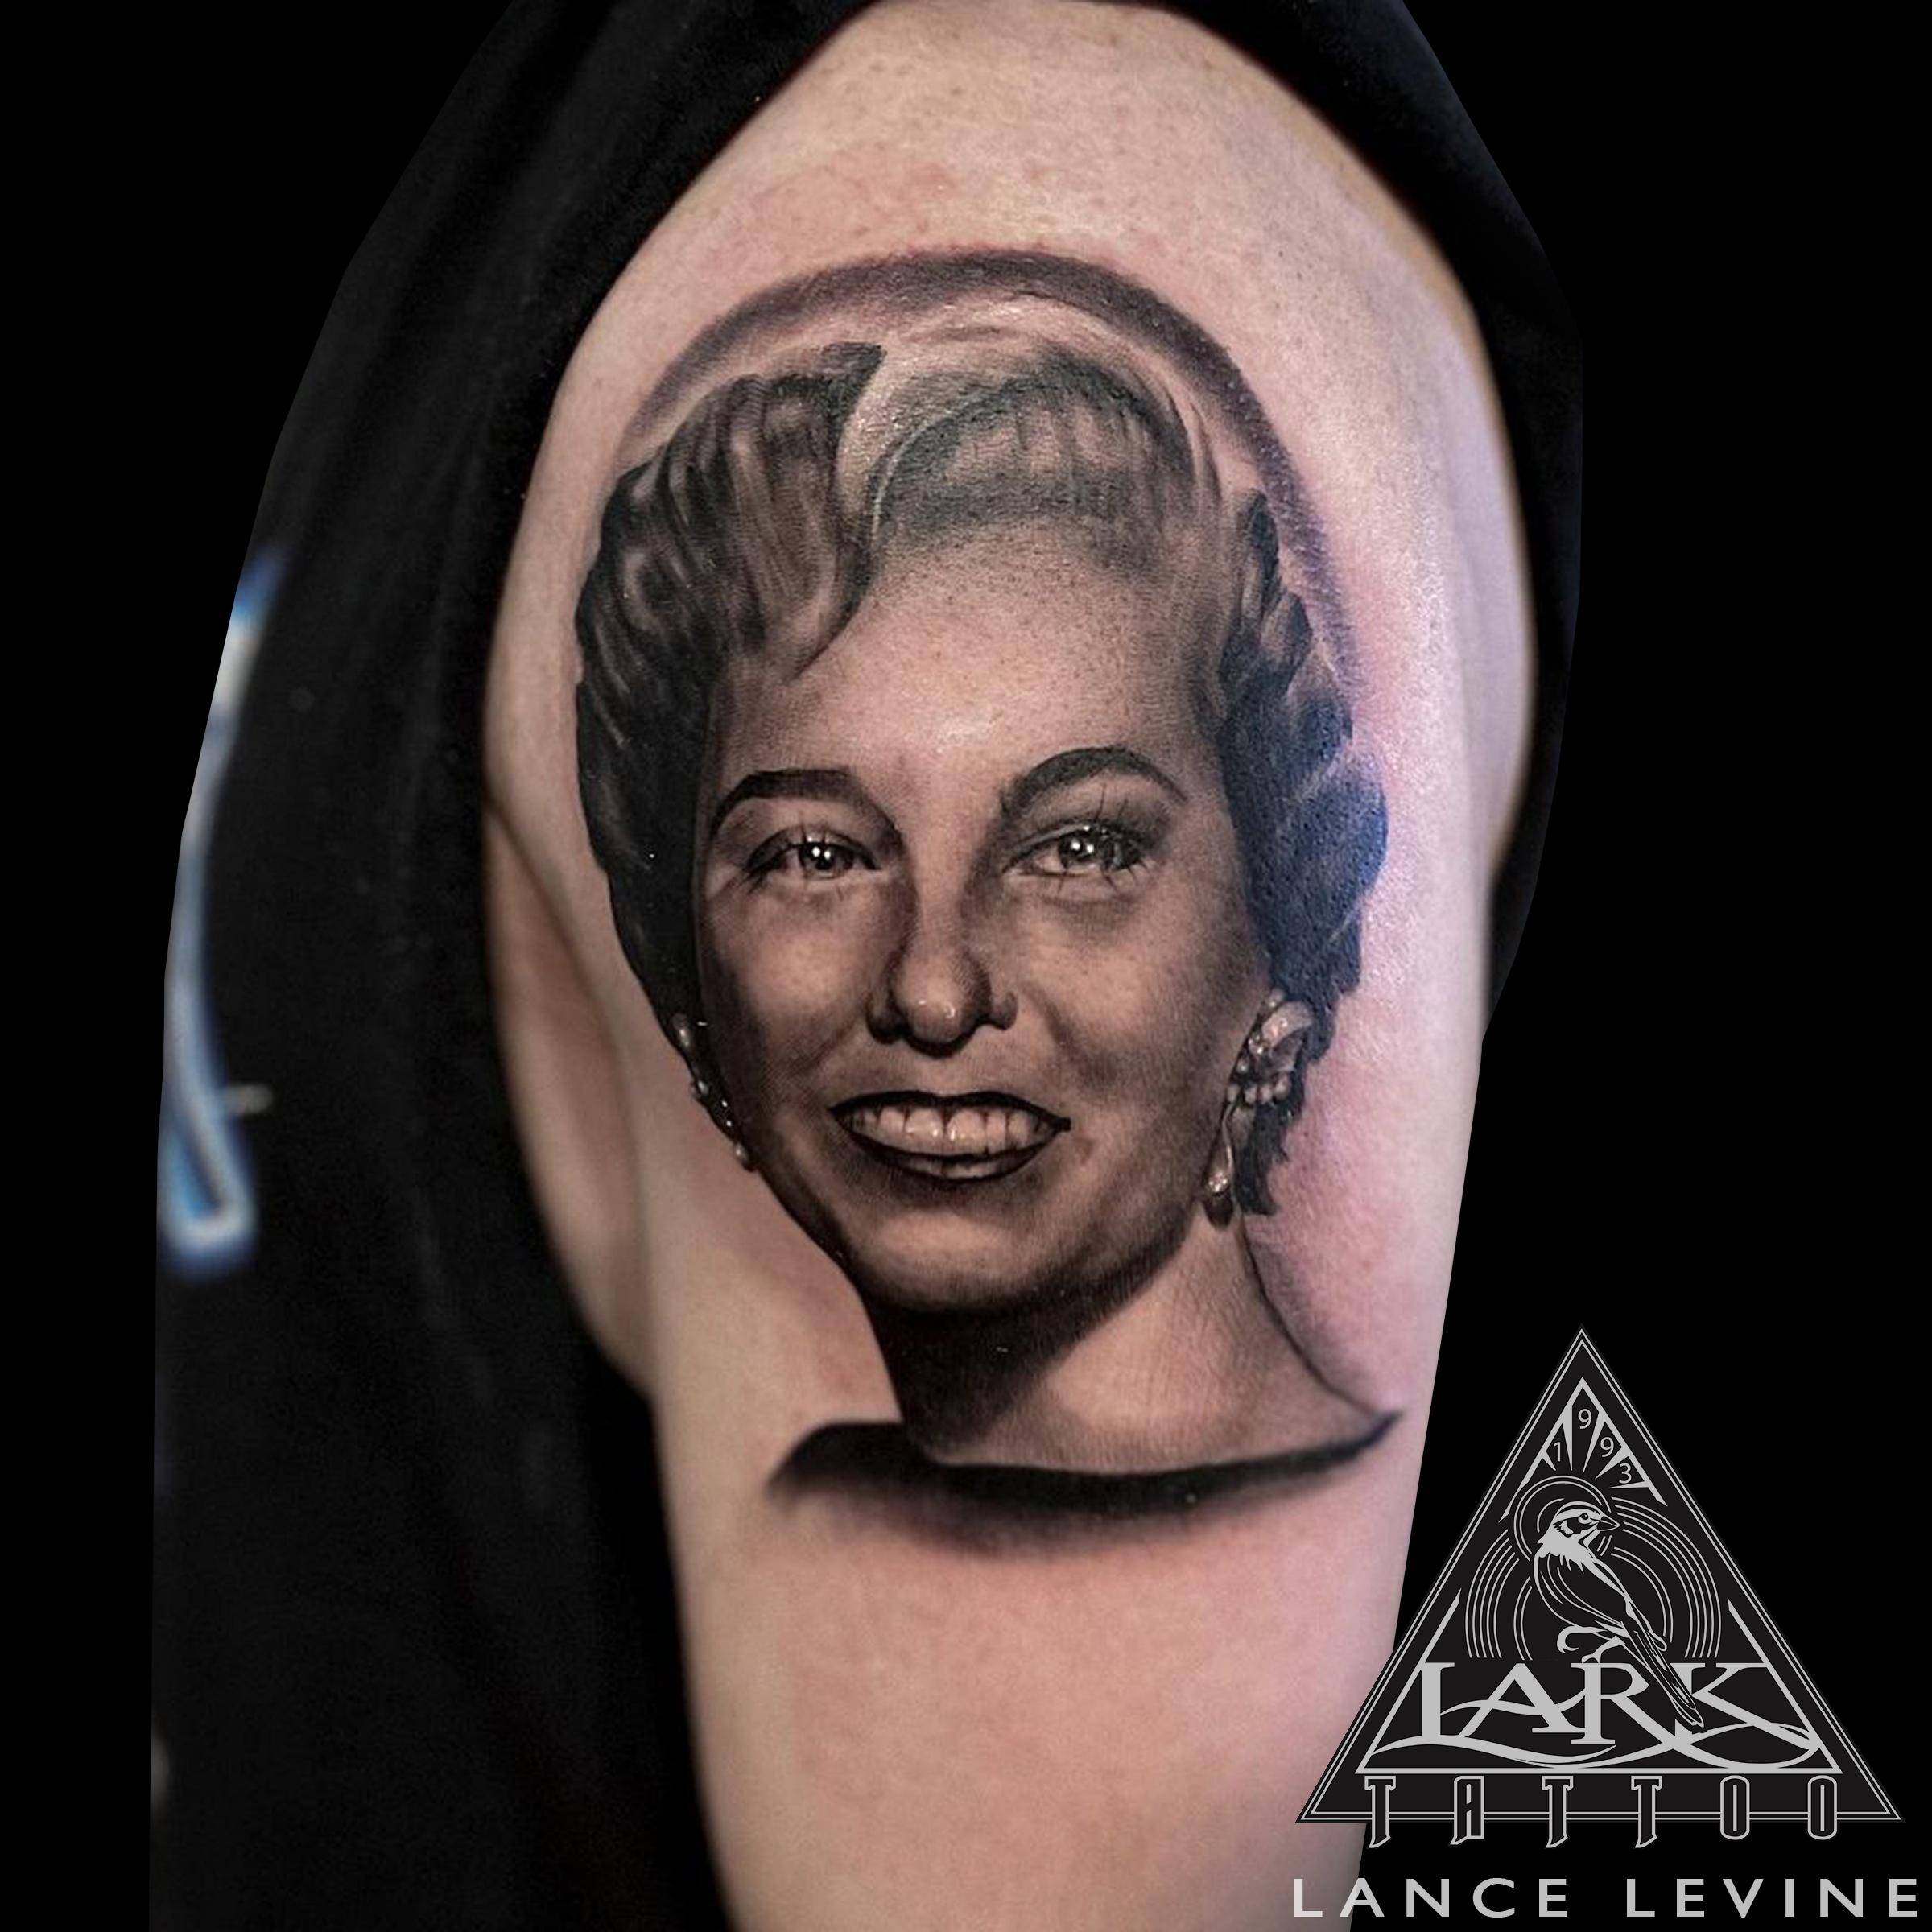 #LarkTattoo #Tattoo #Tattoos #LanceLevine #LanceLevineLarkTattoo #Portrait #PortraitTattoo #Realism #RealismTattoo #Realistic #RealisticTattoo #BNG #BNGTattoo #BNKInkSociety #BlackAndGray #BlackAndGrayTattoo #BlackAndGrey #BlackAndGreyTattoo #BishopWand #TattooArtist #Tattoist #Tattooer #LongIslandTattooArtist #LongIslandTattooer #LongIslandTattoo #TattooOfTheDay #Tat #Tats #Tatts #Tatted #Inked #Ink #TattooInk #AmazingInk #AmazingTattoo #BodyArt #LarkTattooWestbury #Westbury #LongIsland #NY #NewYork #USA #Art #Tattedup #InkedUp #LarkTattoos #Memorial #MemorialTattoo